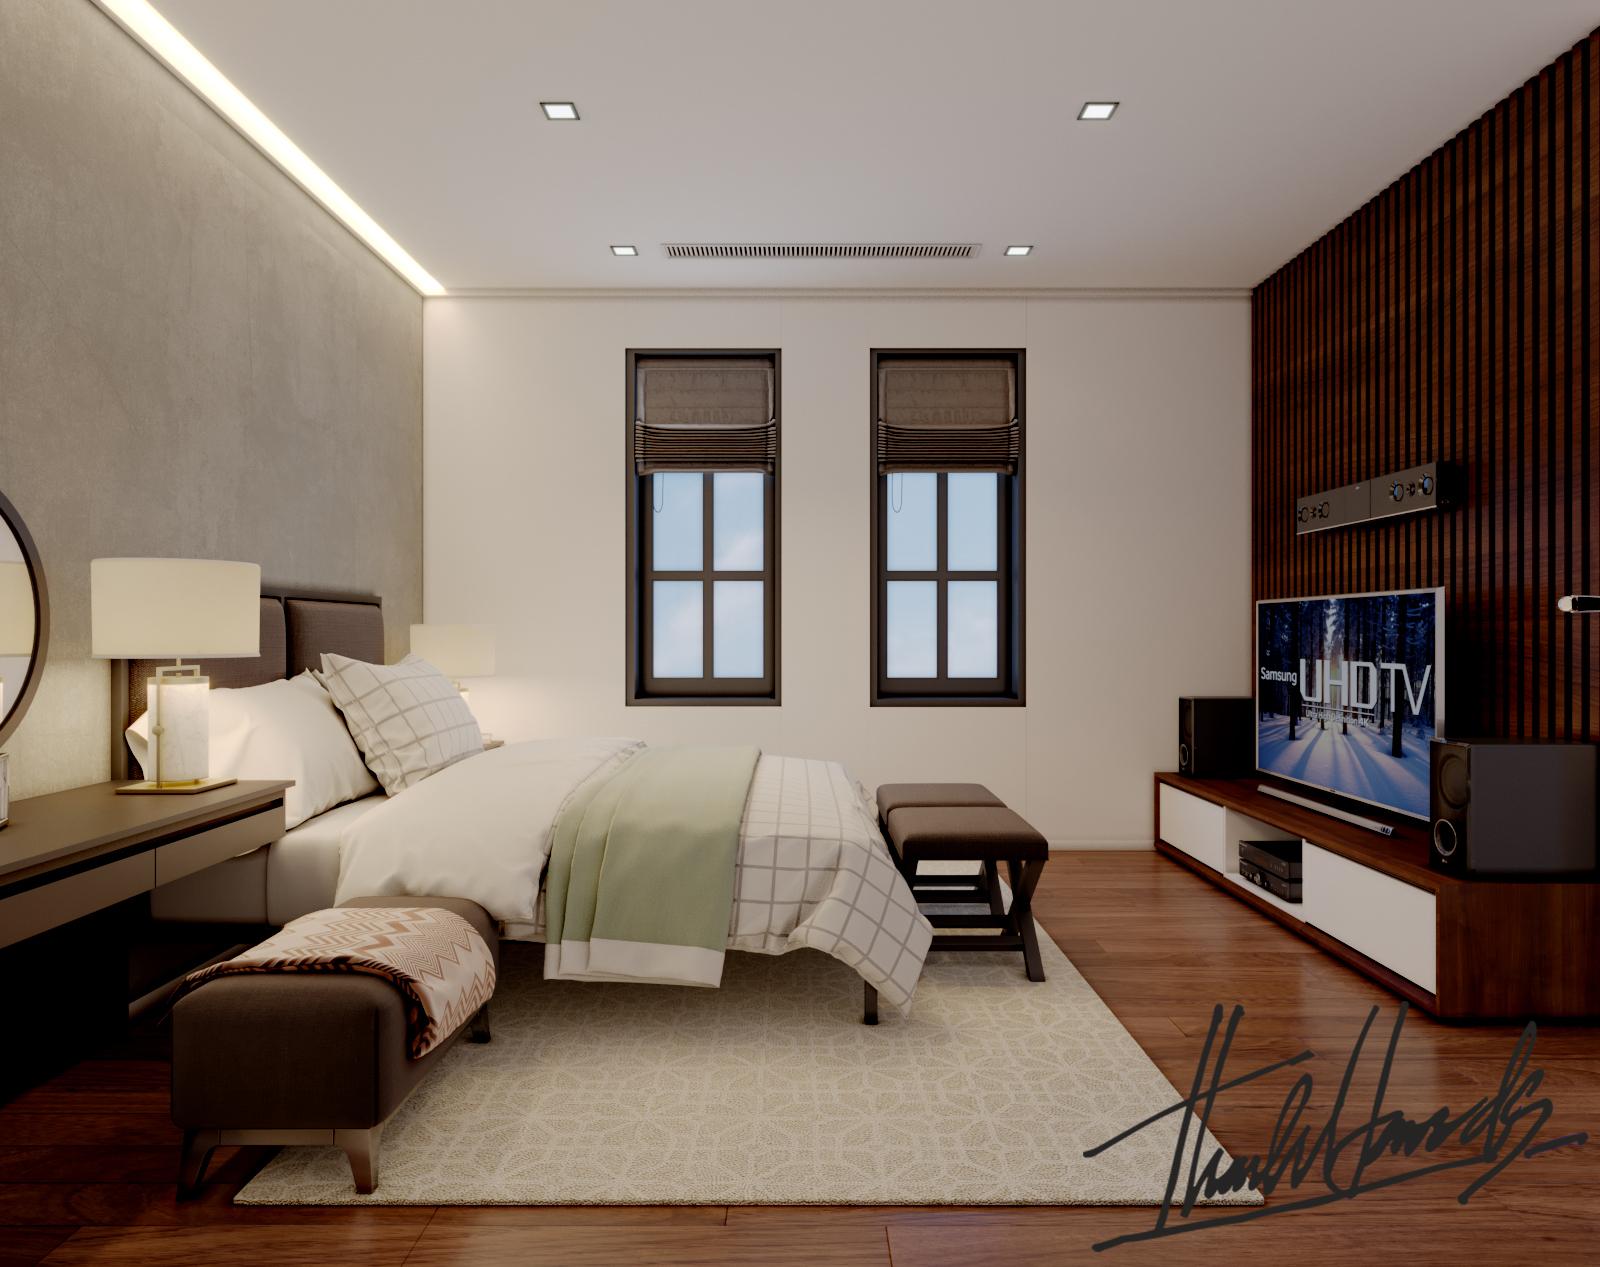 thiết kế nội thất Biệt Thự tại Hải Phòng Biệt thự Vinhomes - imperia ( khu VEN) 19 1568278773